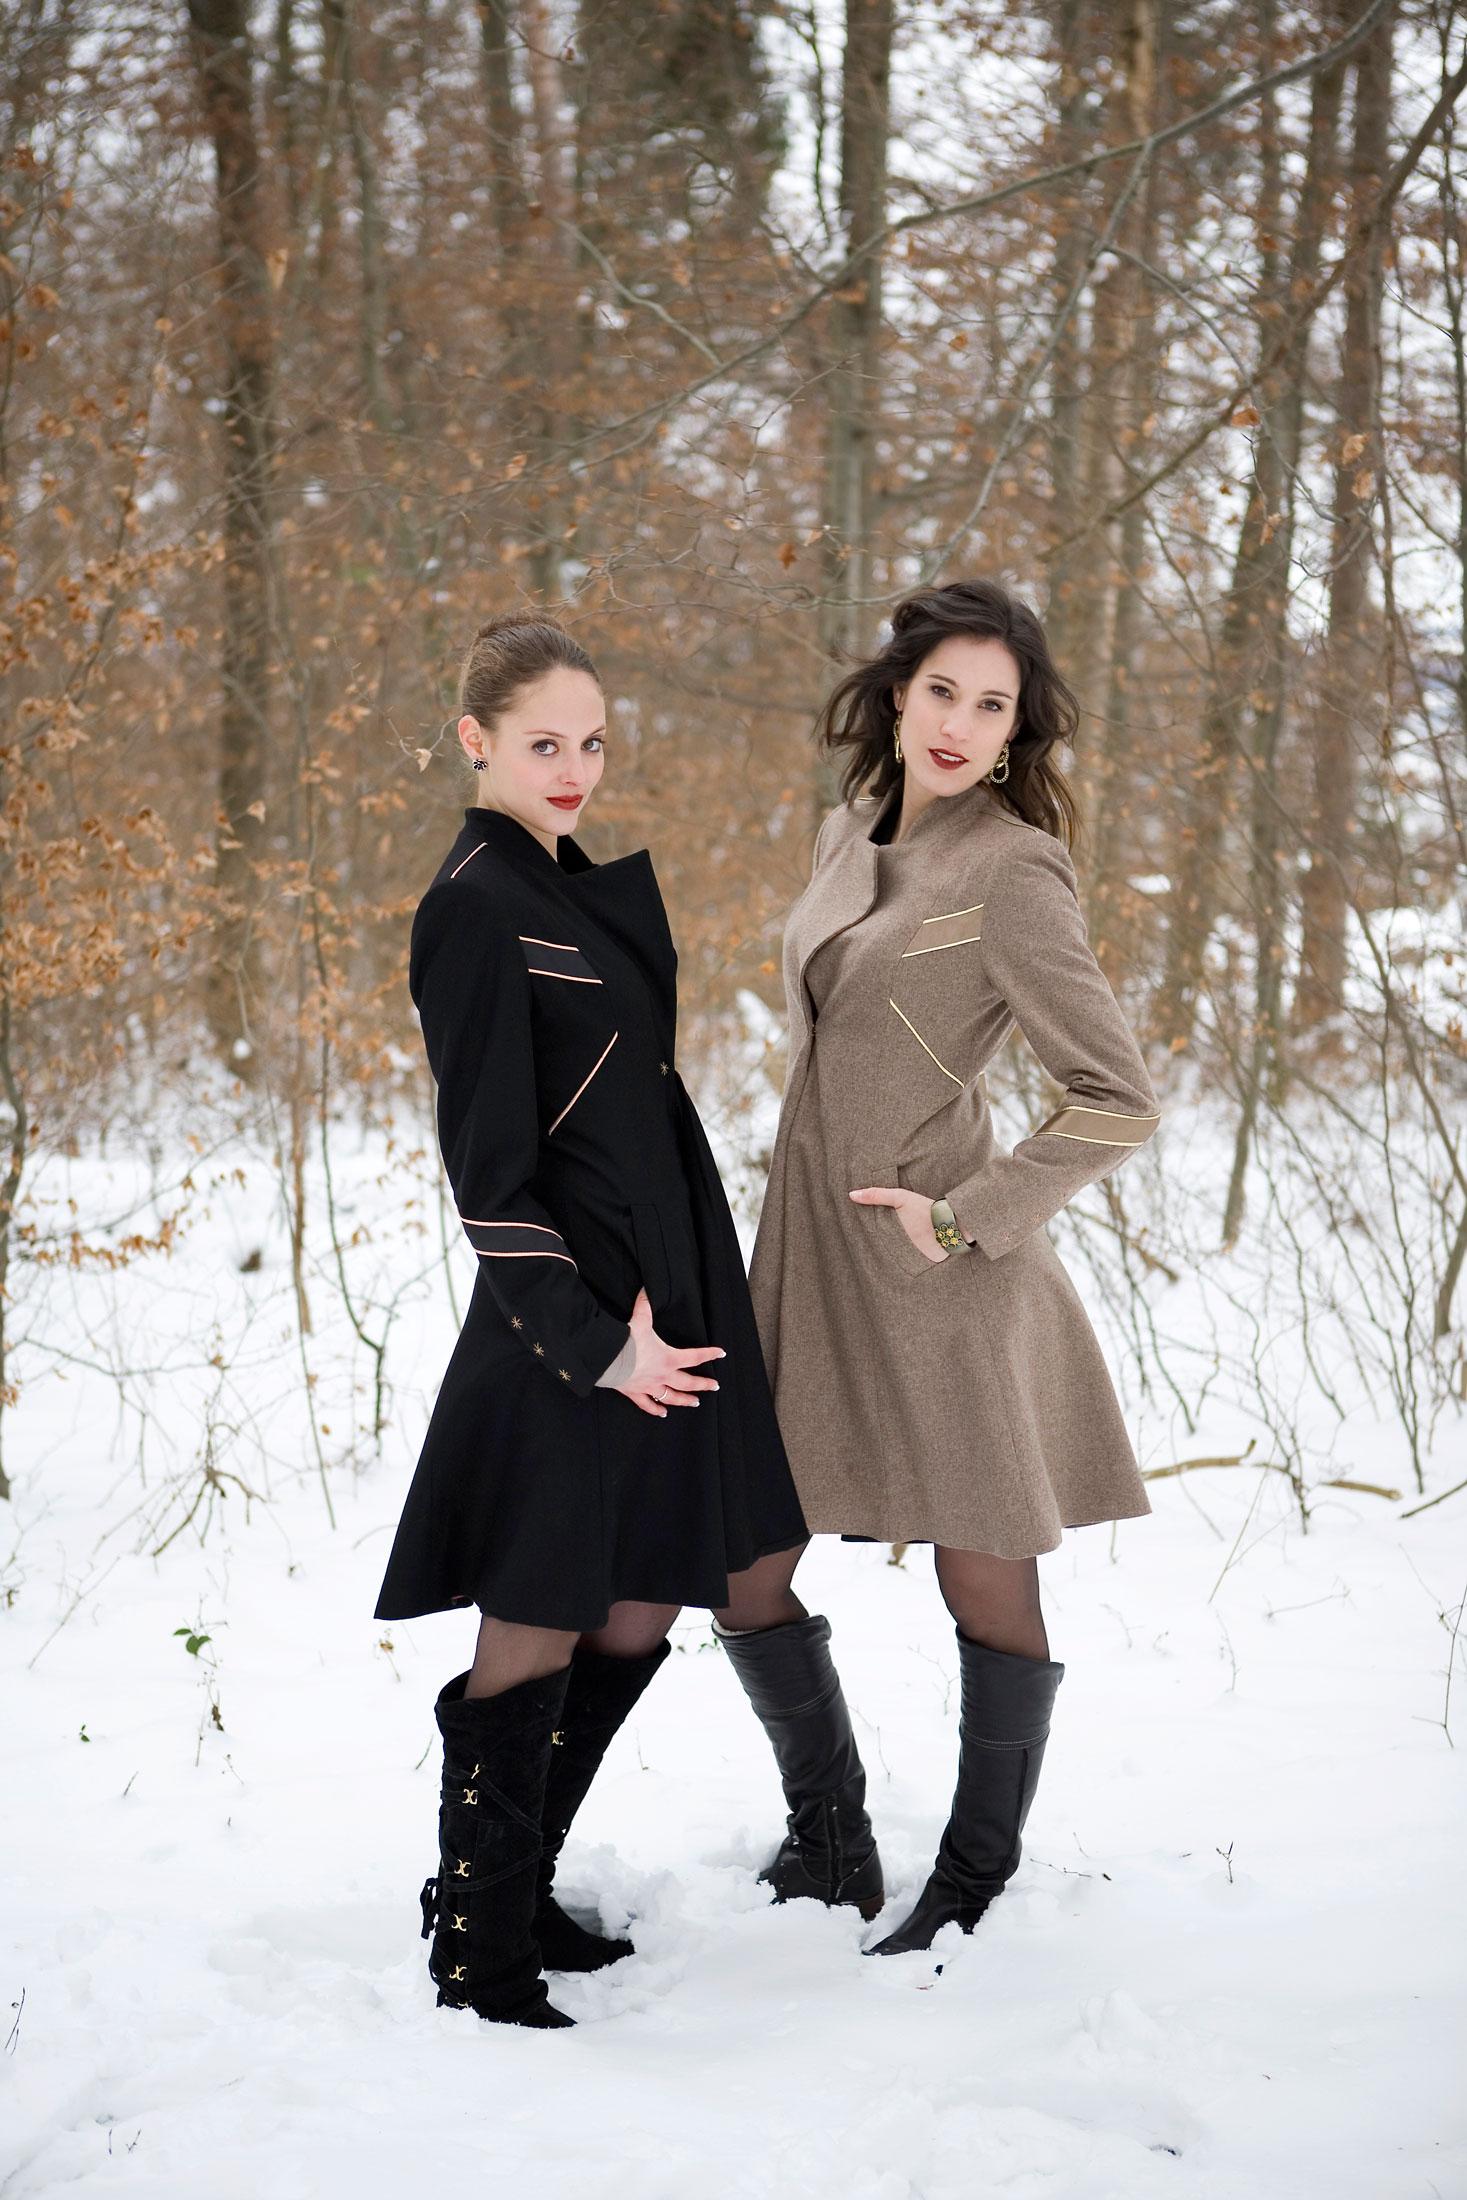 LOOK C.15 Jacke Merino Woll Beige Black Zurich Atelier Zurich Designer Clothes Boutique Zurich